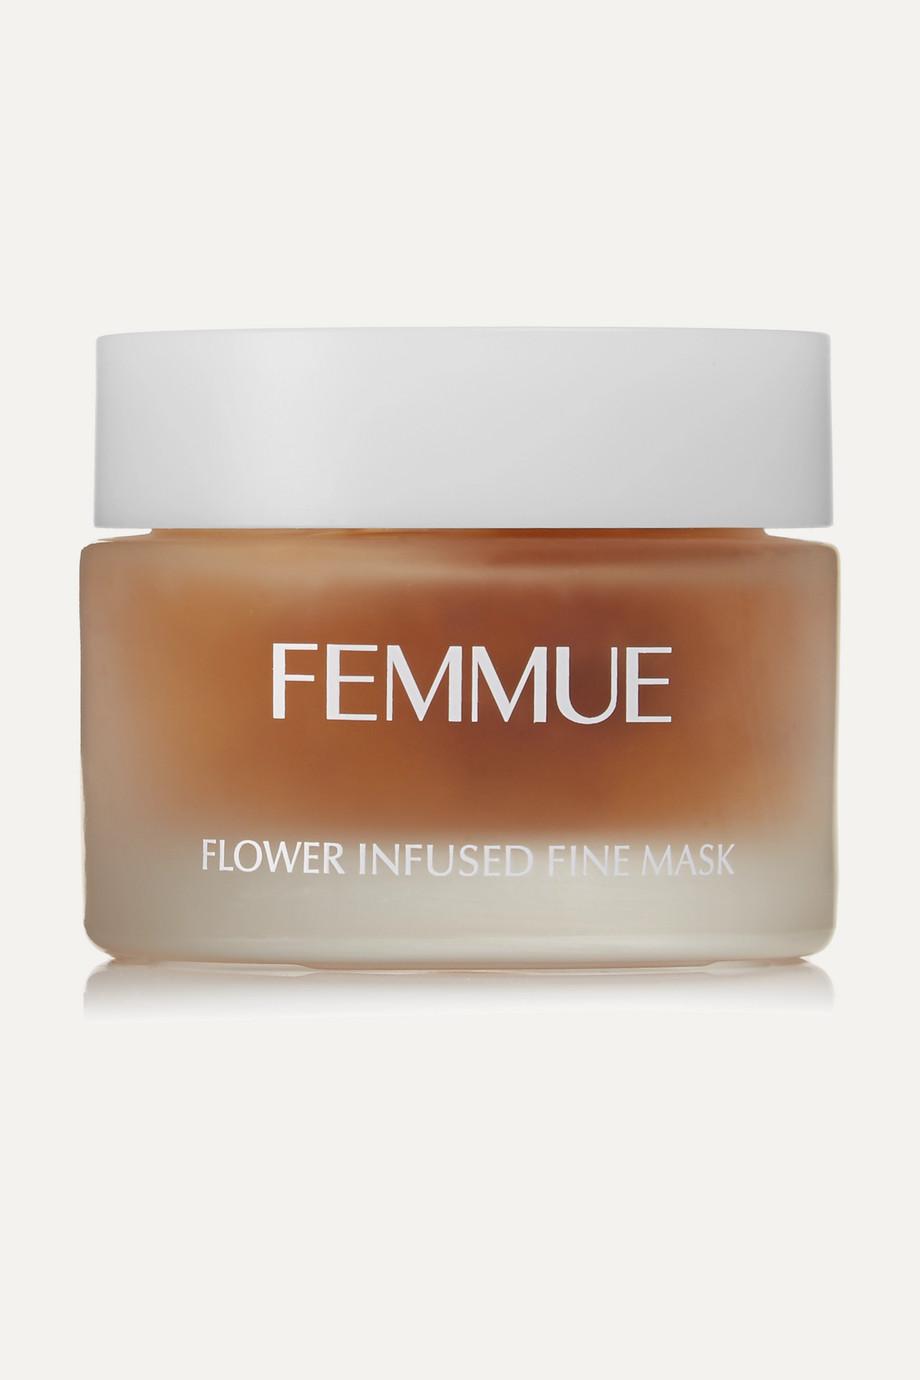 FEMMUE Flower Infused Fine Mask, 50g